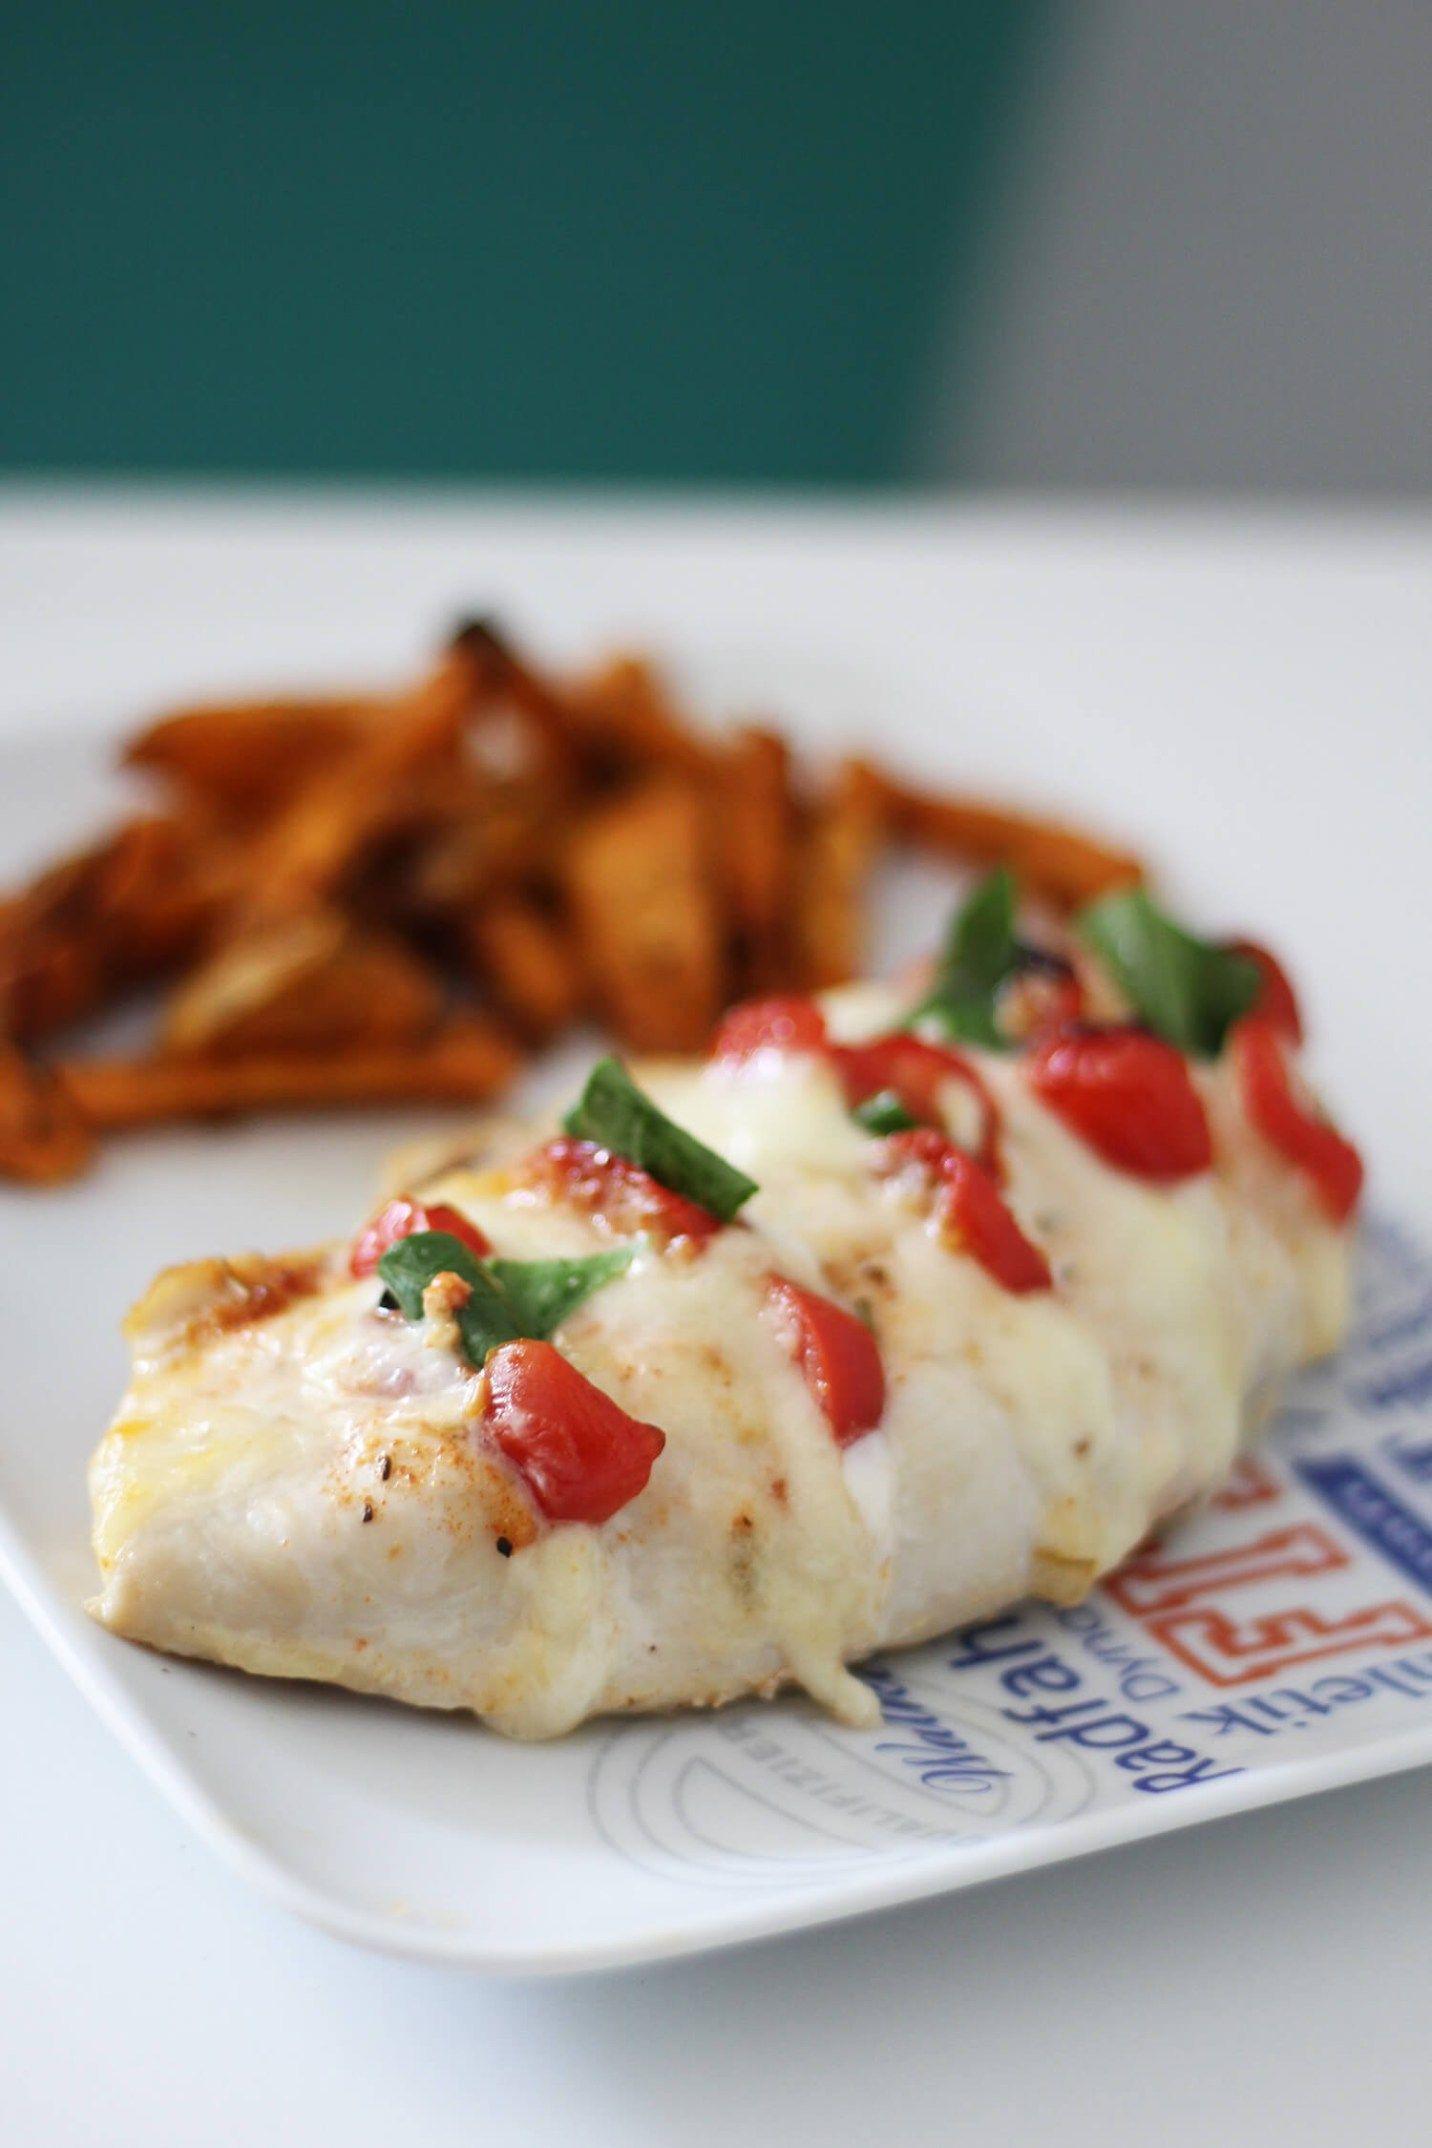 Zdrowy Szybki I Dobry Fit Obiad Nie Ma Problemu 2 Przepisy